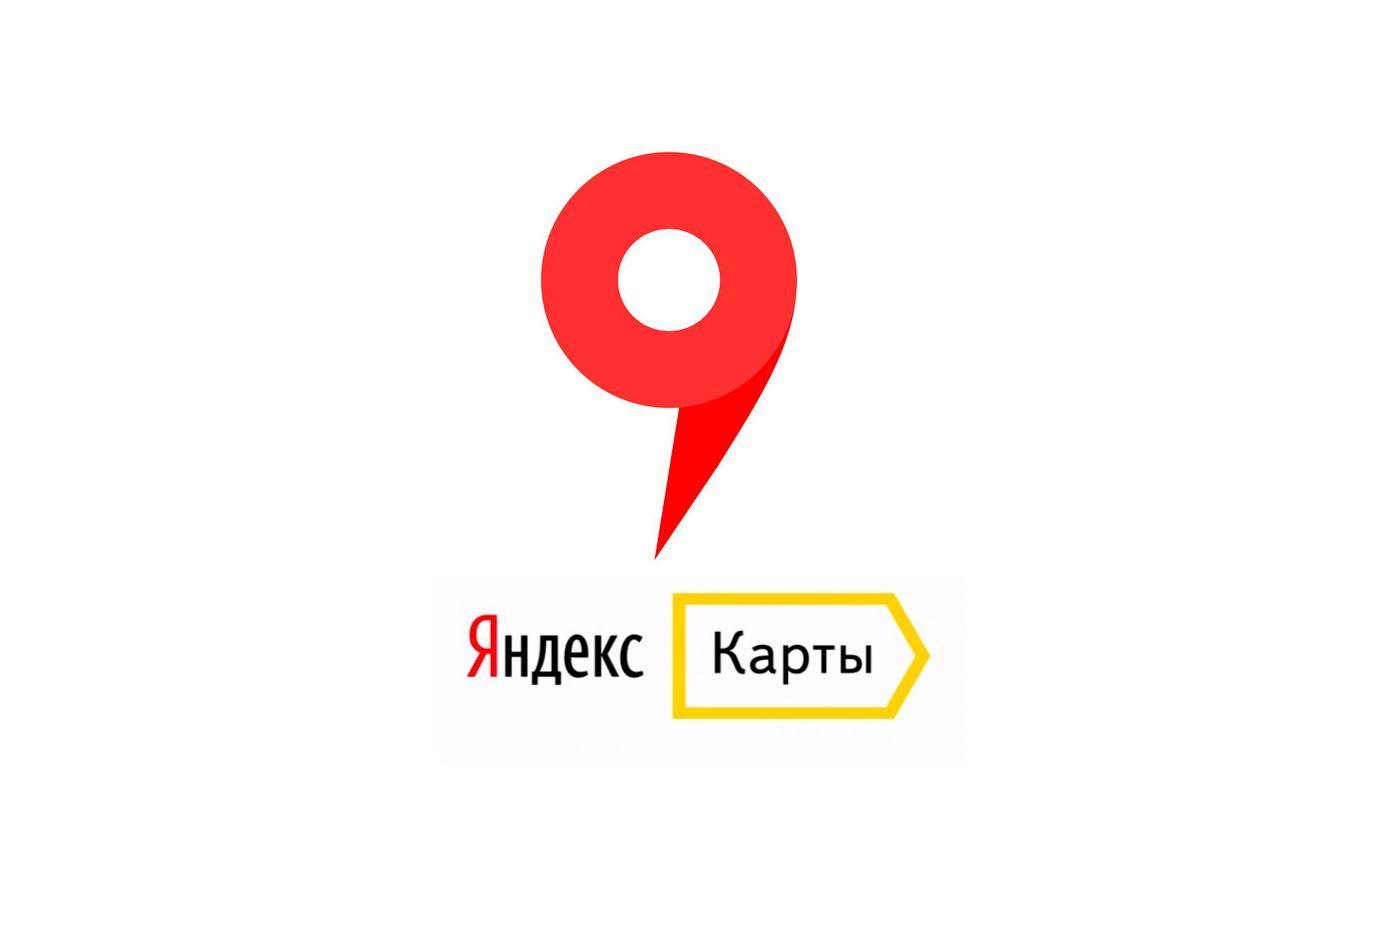 иконка яндекс карты